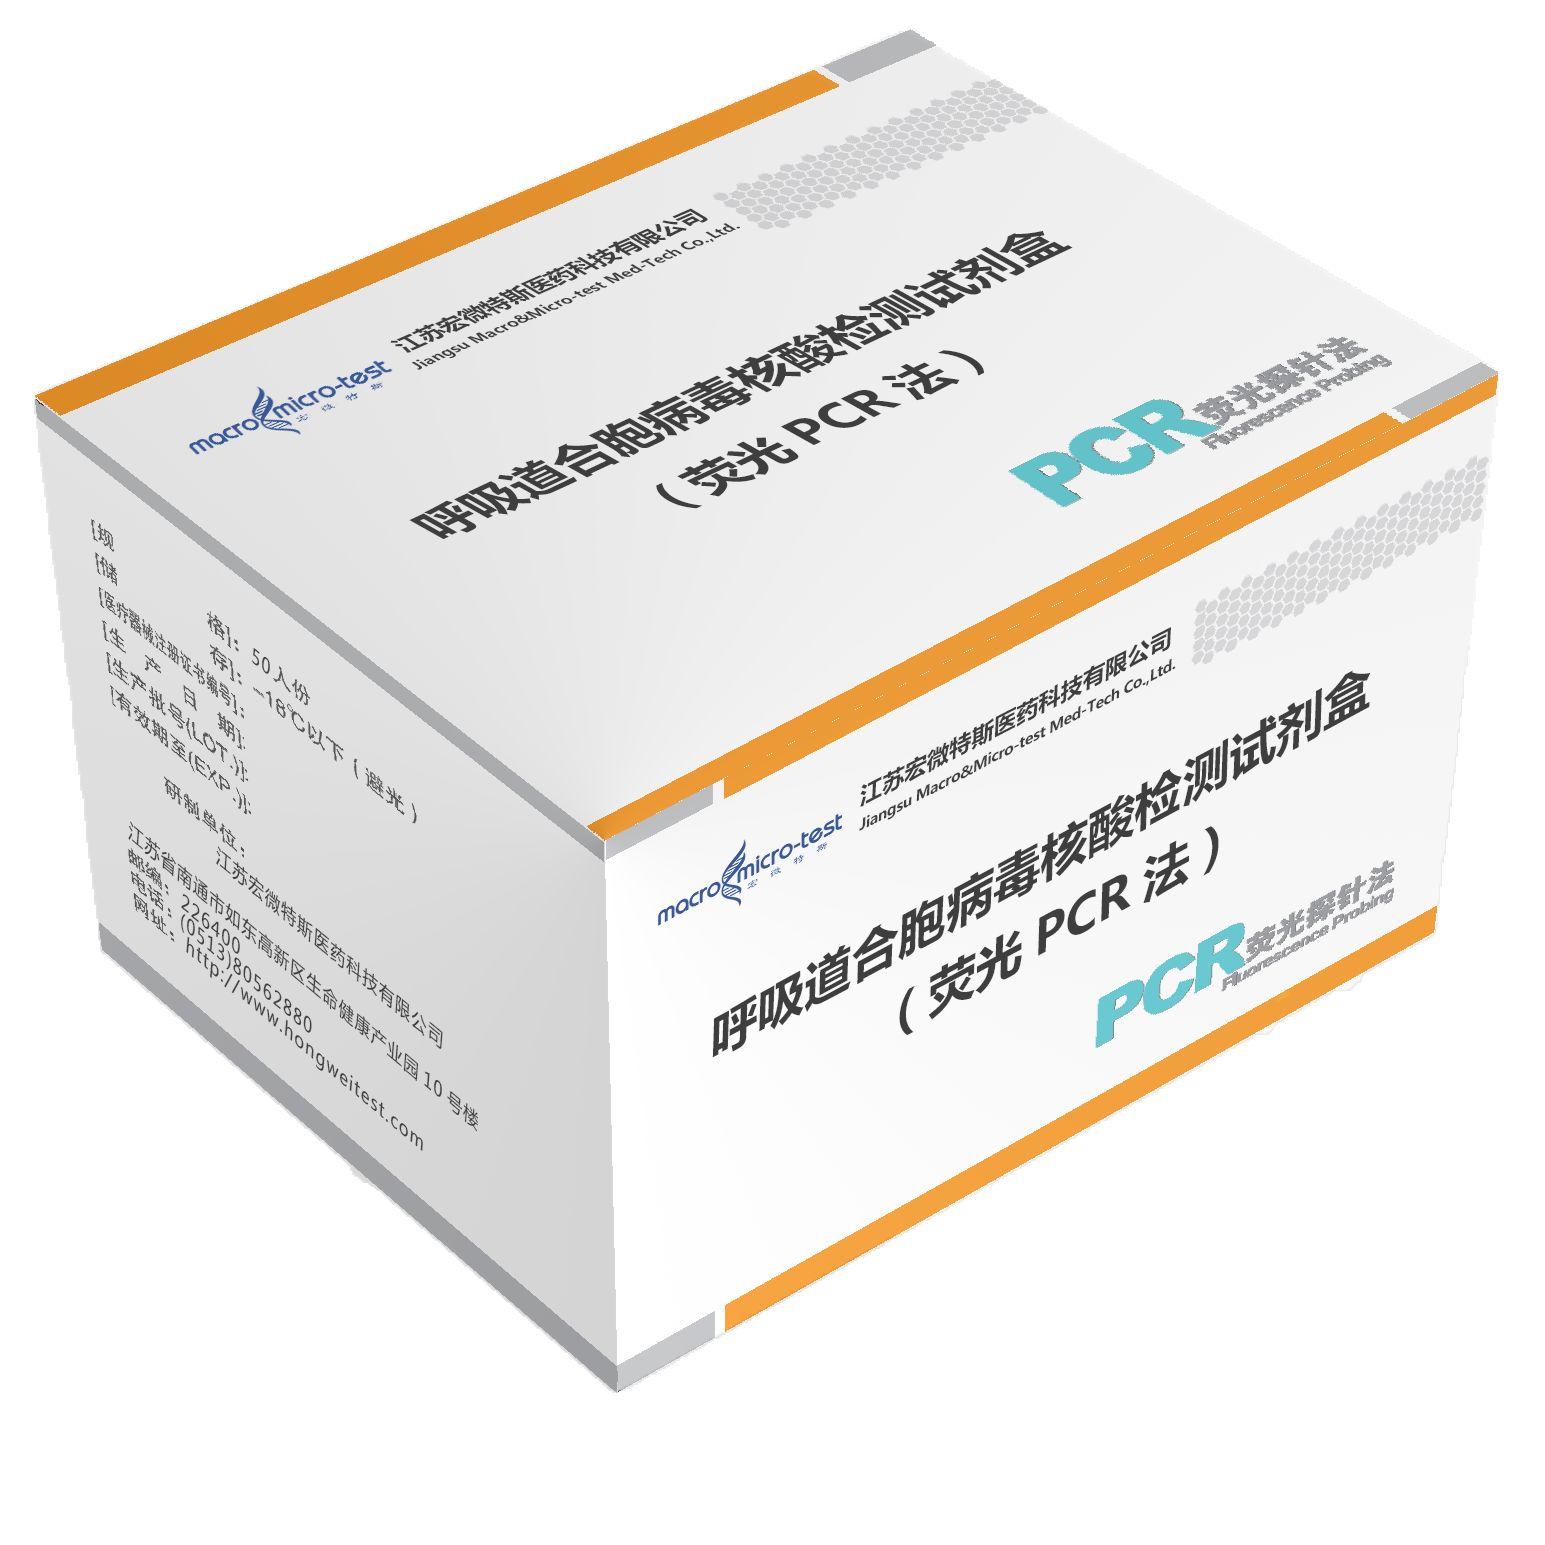 呼吸道合胞病毒核酸检测试剂盒(荧光PCR法)